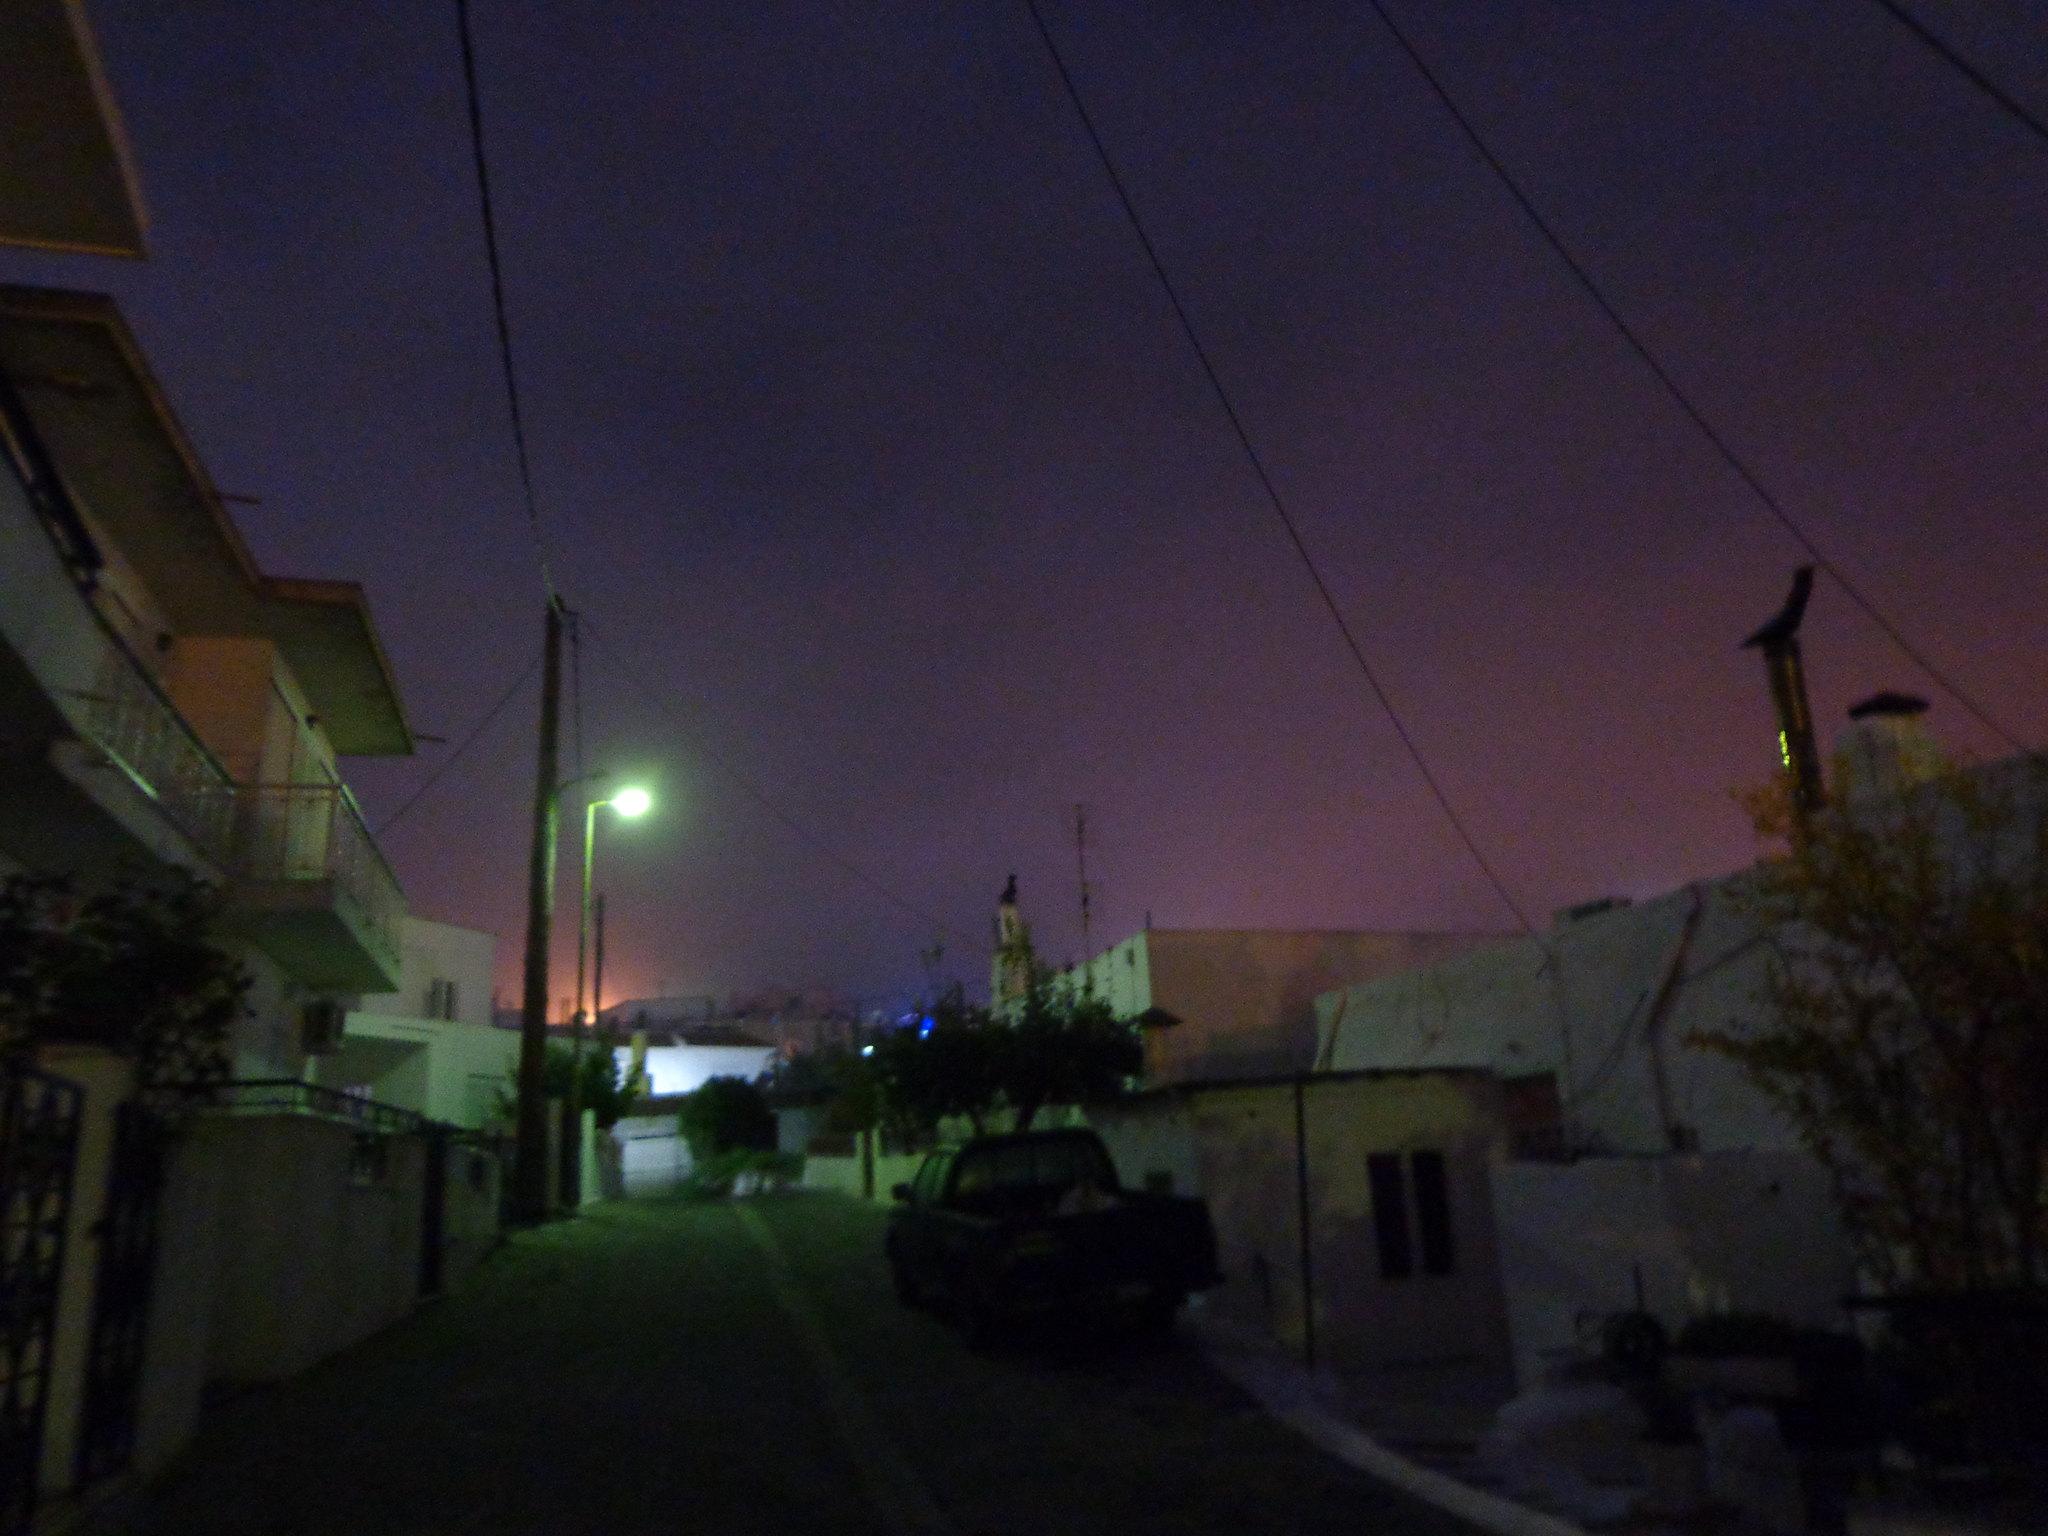 Ψίνθος Νυχτερινή ομίχλη